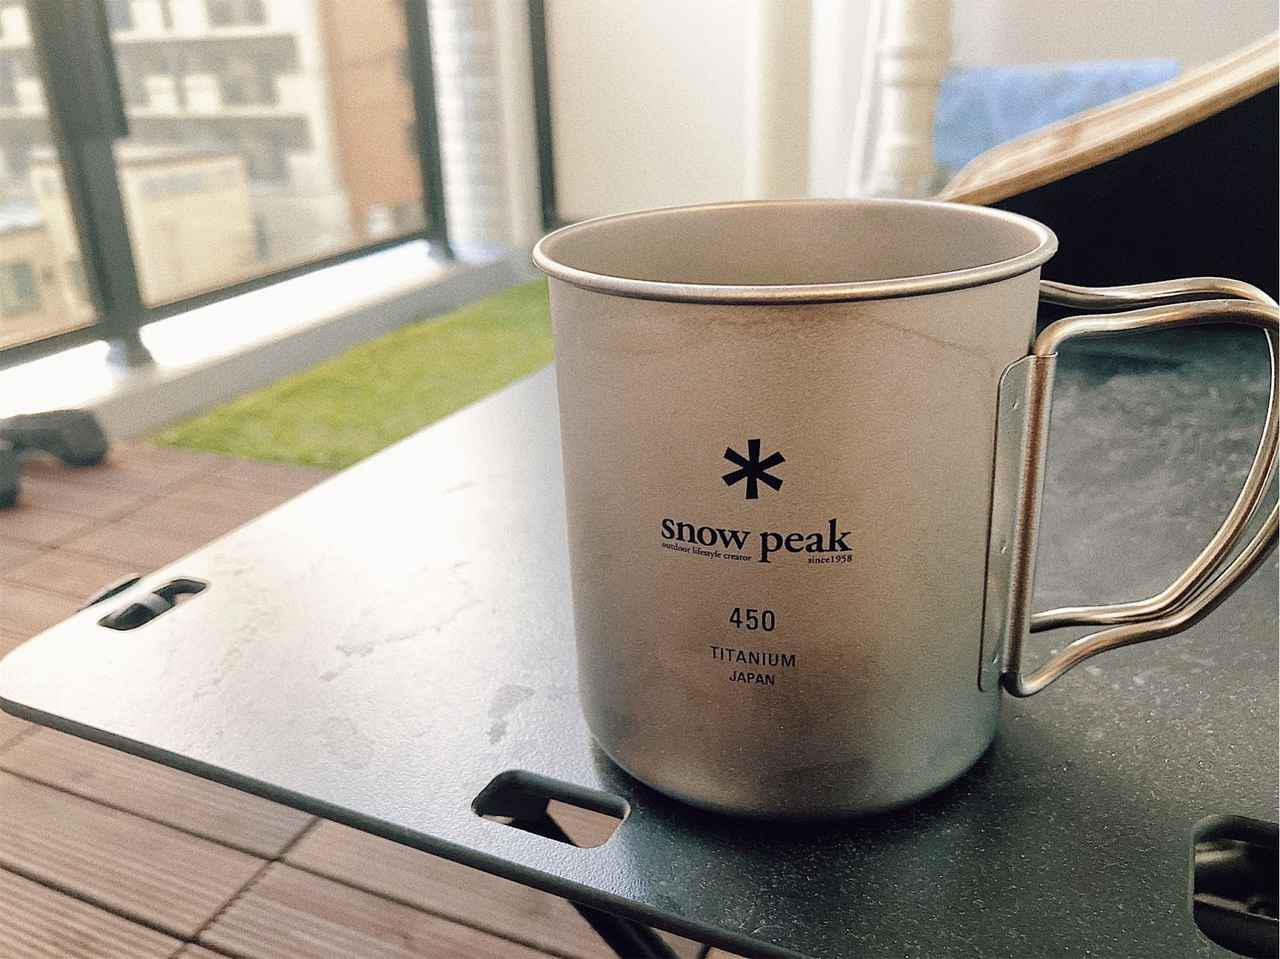 画像: 【スノーピークマグカップ】チタンシングルマグは軽量・折り畳み可能で持ち運びにGOOD - ハピキャン(HAPPY CAMPER)